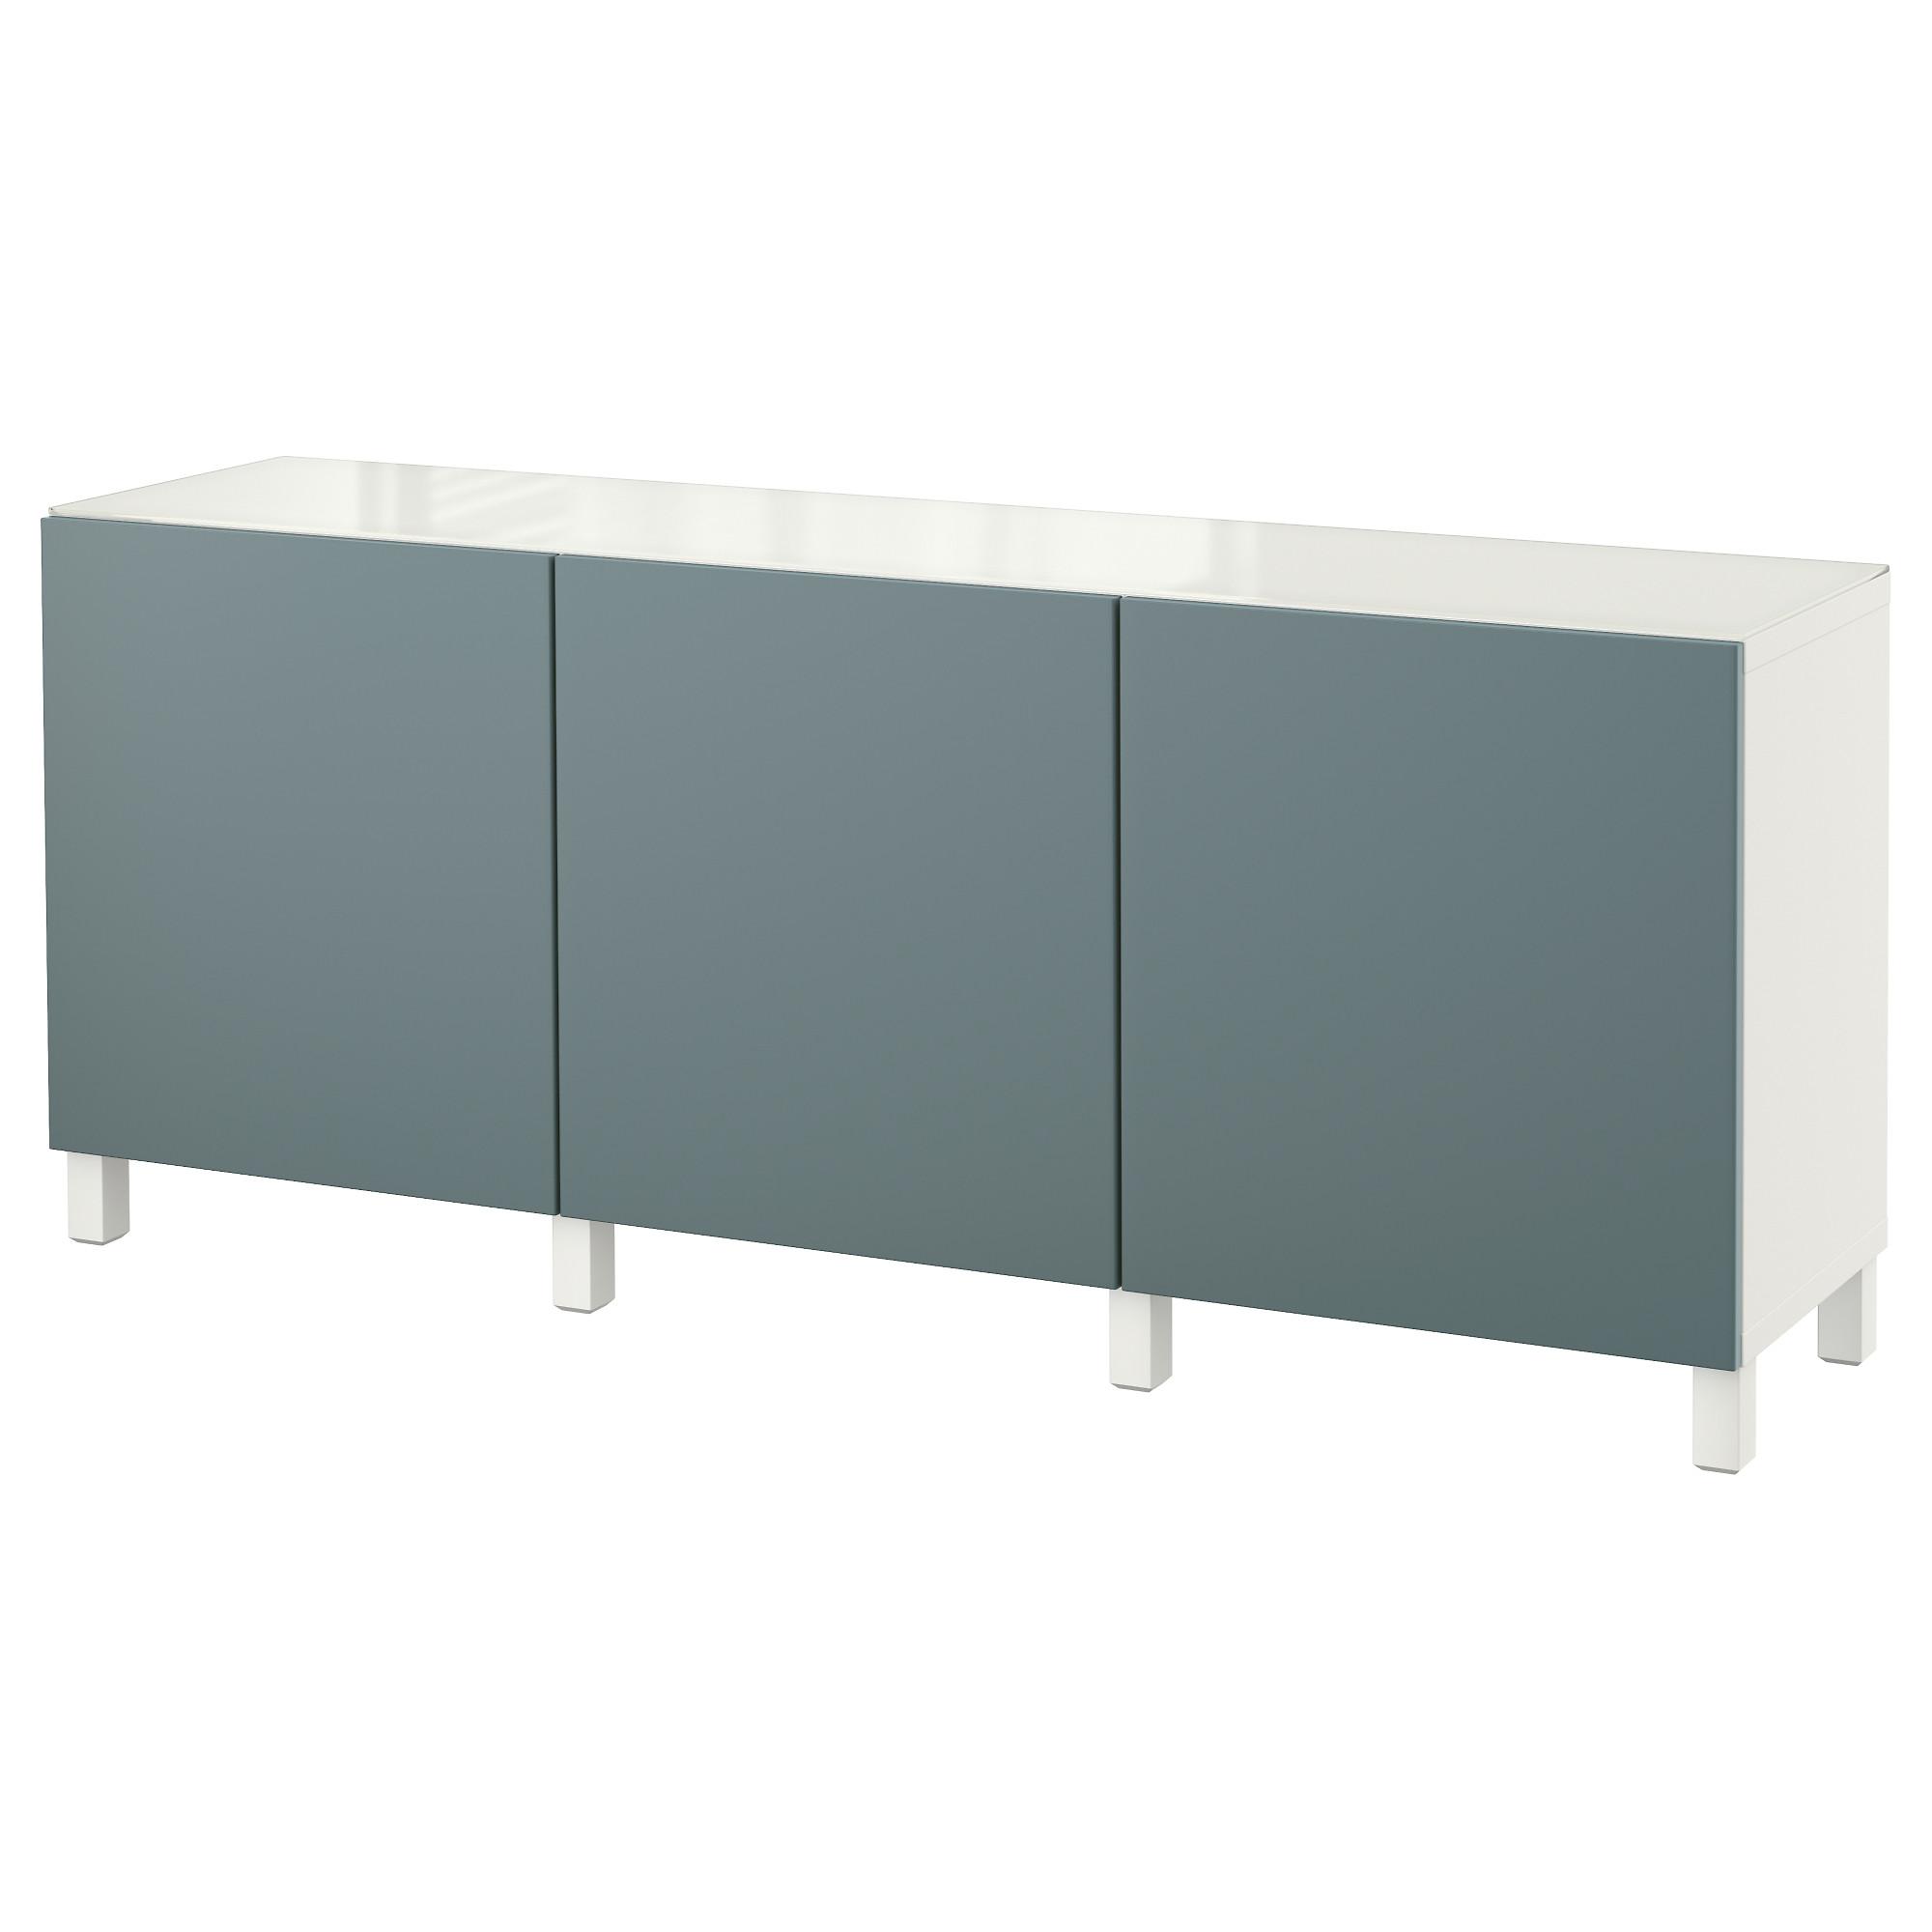 Комбинация для хранения с дверцами БЕСТО белый артикуль № 192.451.73 в наличии. Интернет магазин IKEA Беларусь. Недорогая доставка и монтаж.